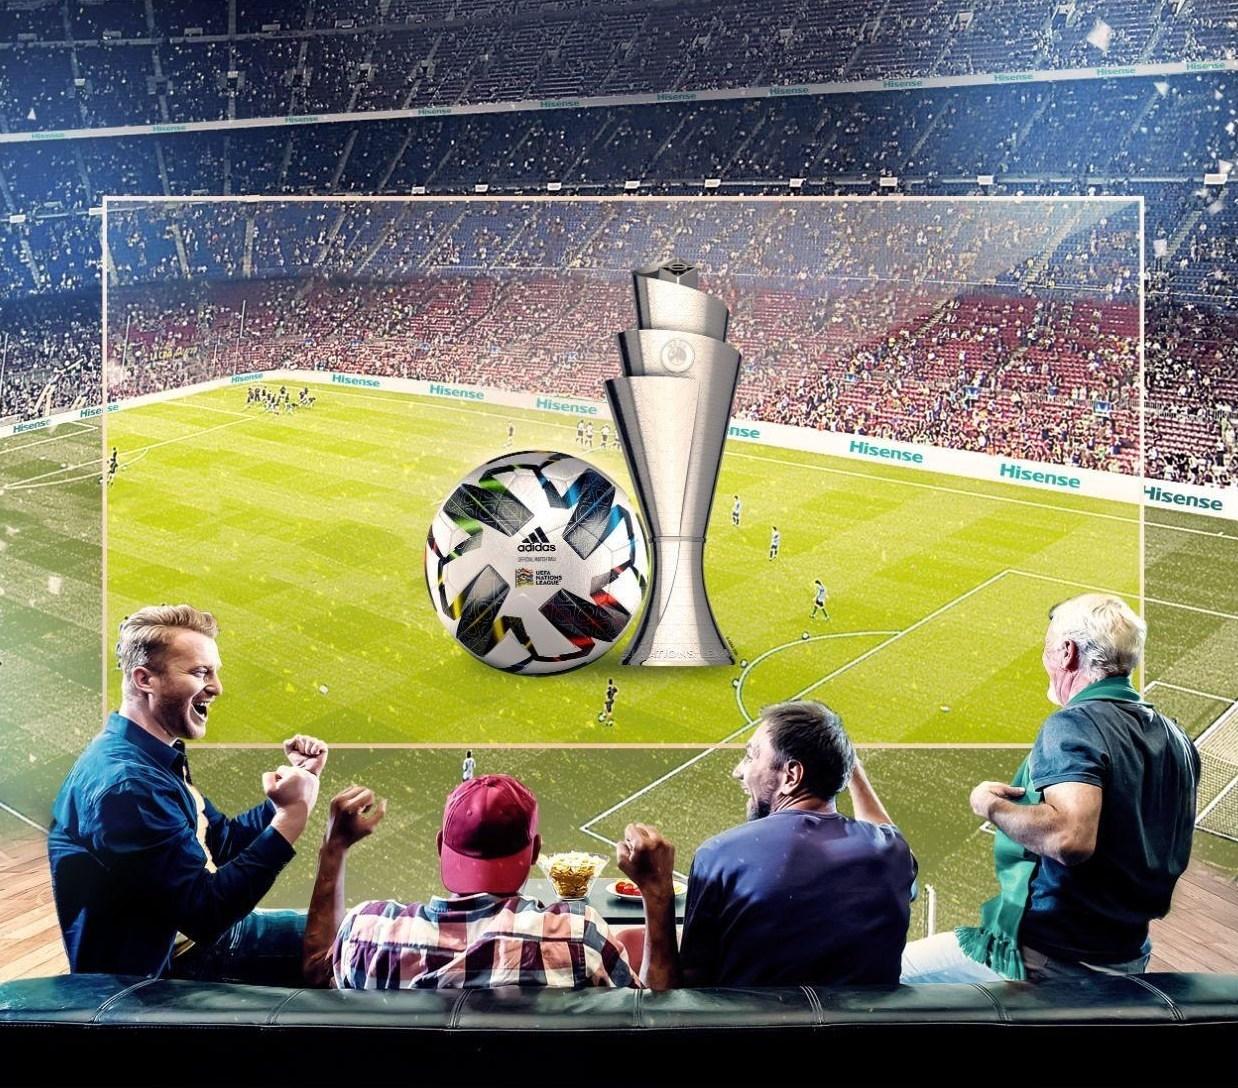 UEFA-Final-Italy-Hisense